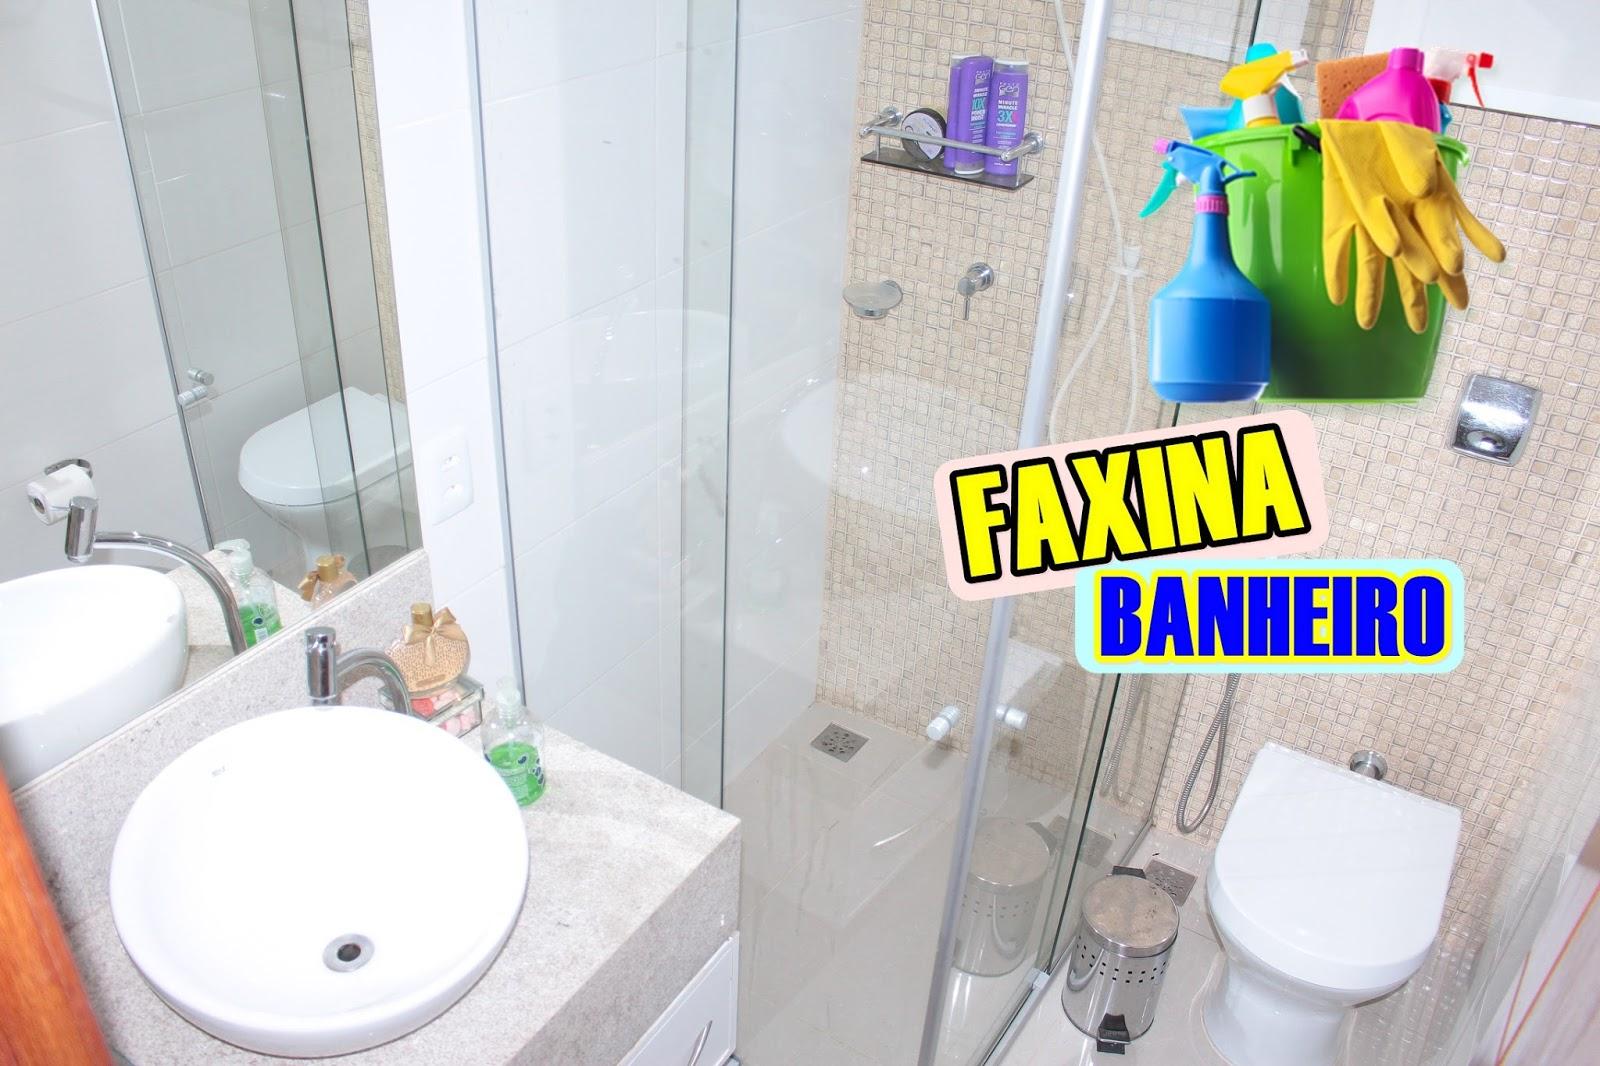 By Paloma Soaresㅤㅤㅤㅤㅤㅤㅤㅤ COMO LIMPAR BANHEIRO DE UMA FORMA RÁPIDA E EFICAZ  # Como Limpar Pia De Banheiro De Fibra